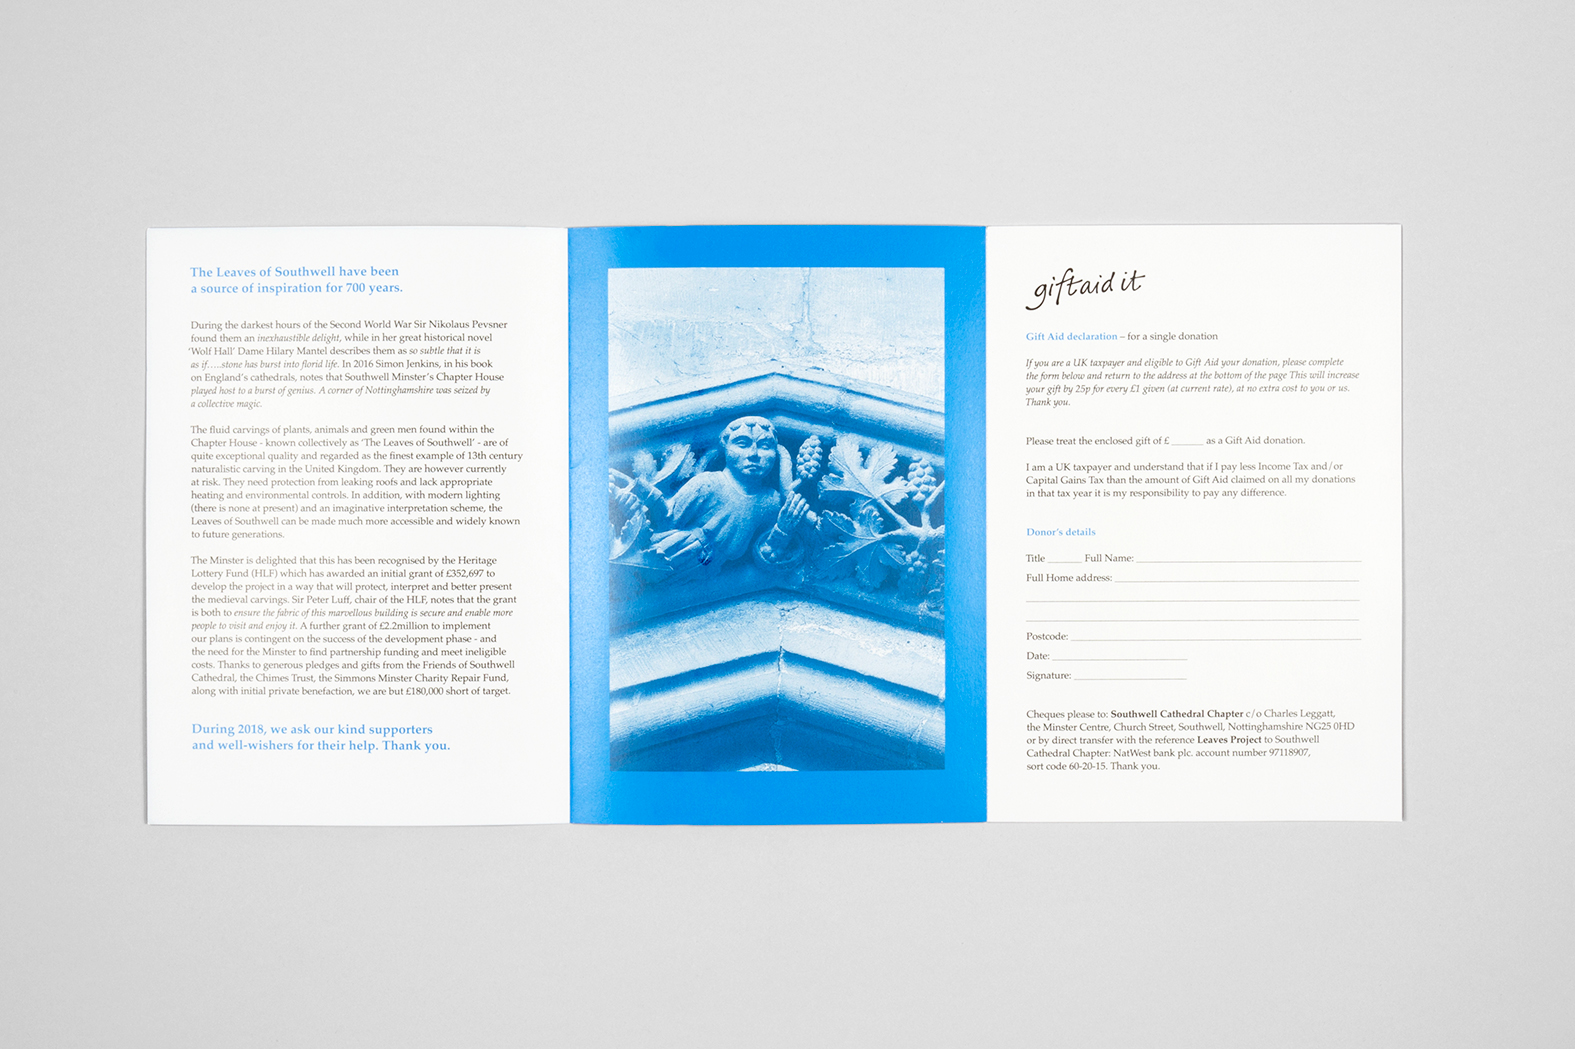 StudioEger_2018_SouthwellLeaflets_WebReady4.jpg